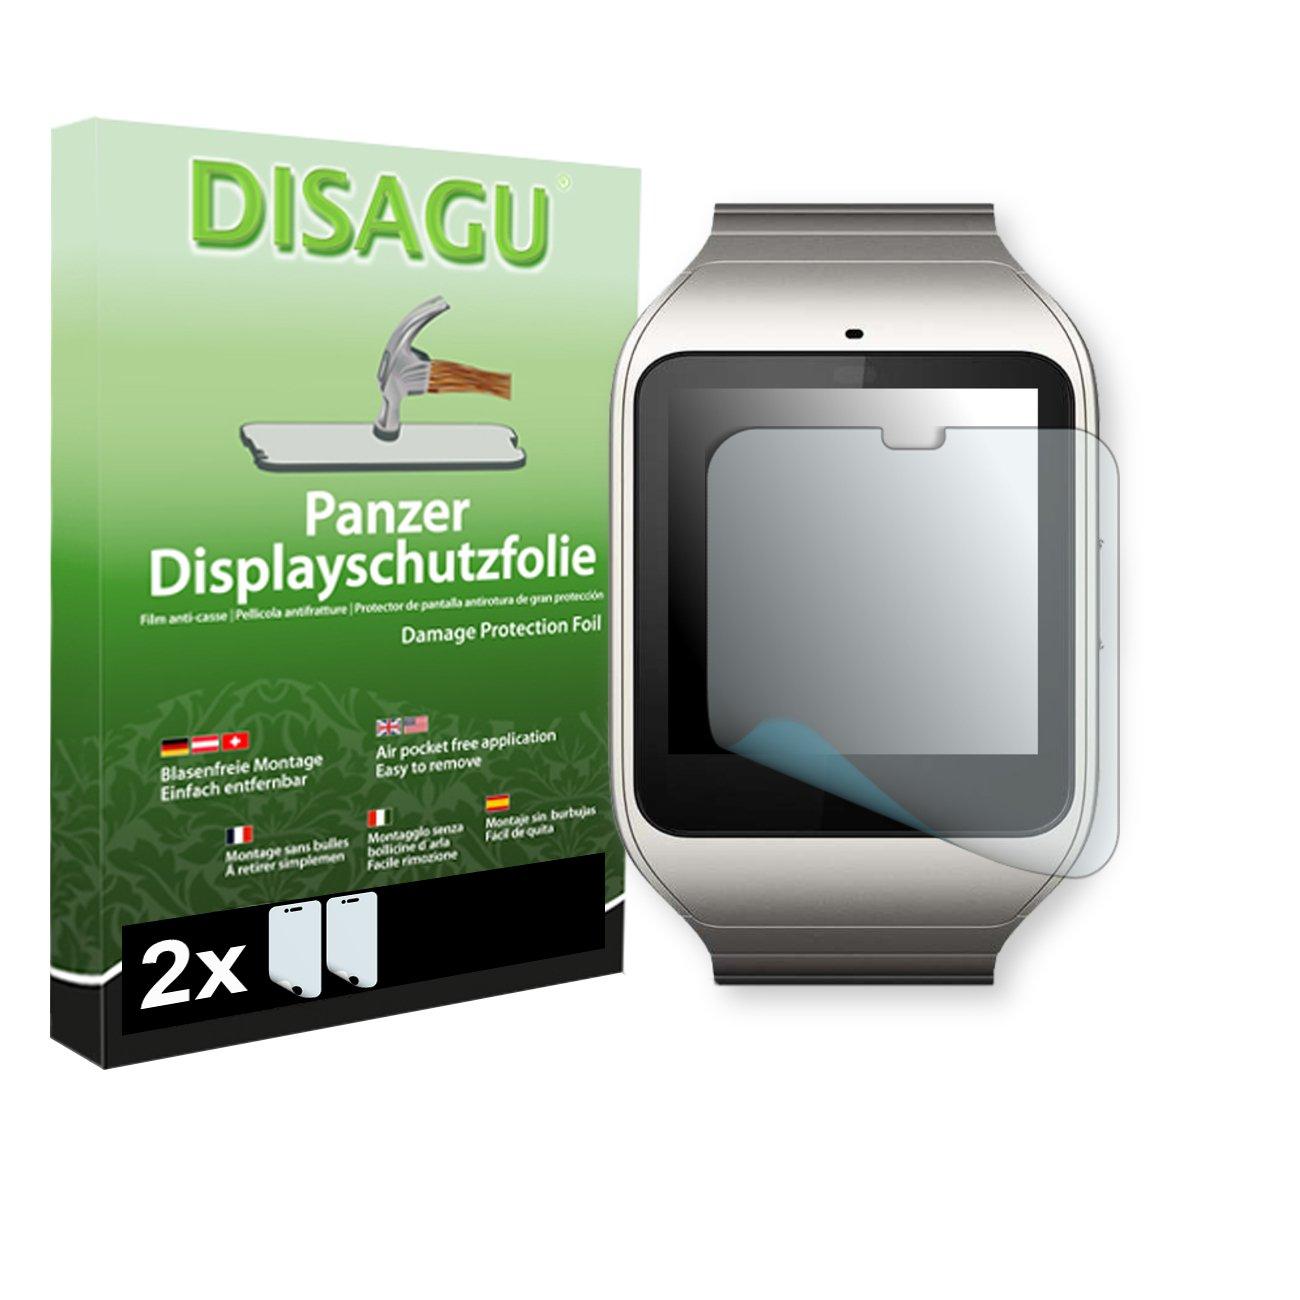 DISAGU 2 x Lámina blindada para pantallas Sony SmartWatch 3 ...